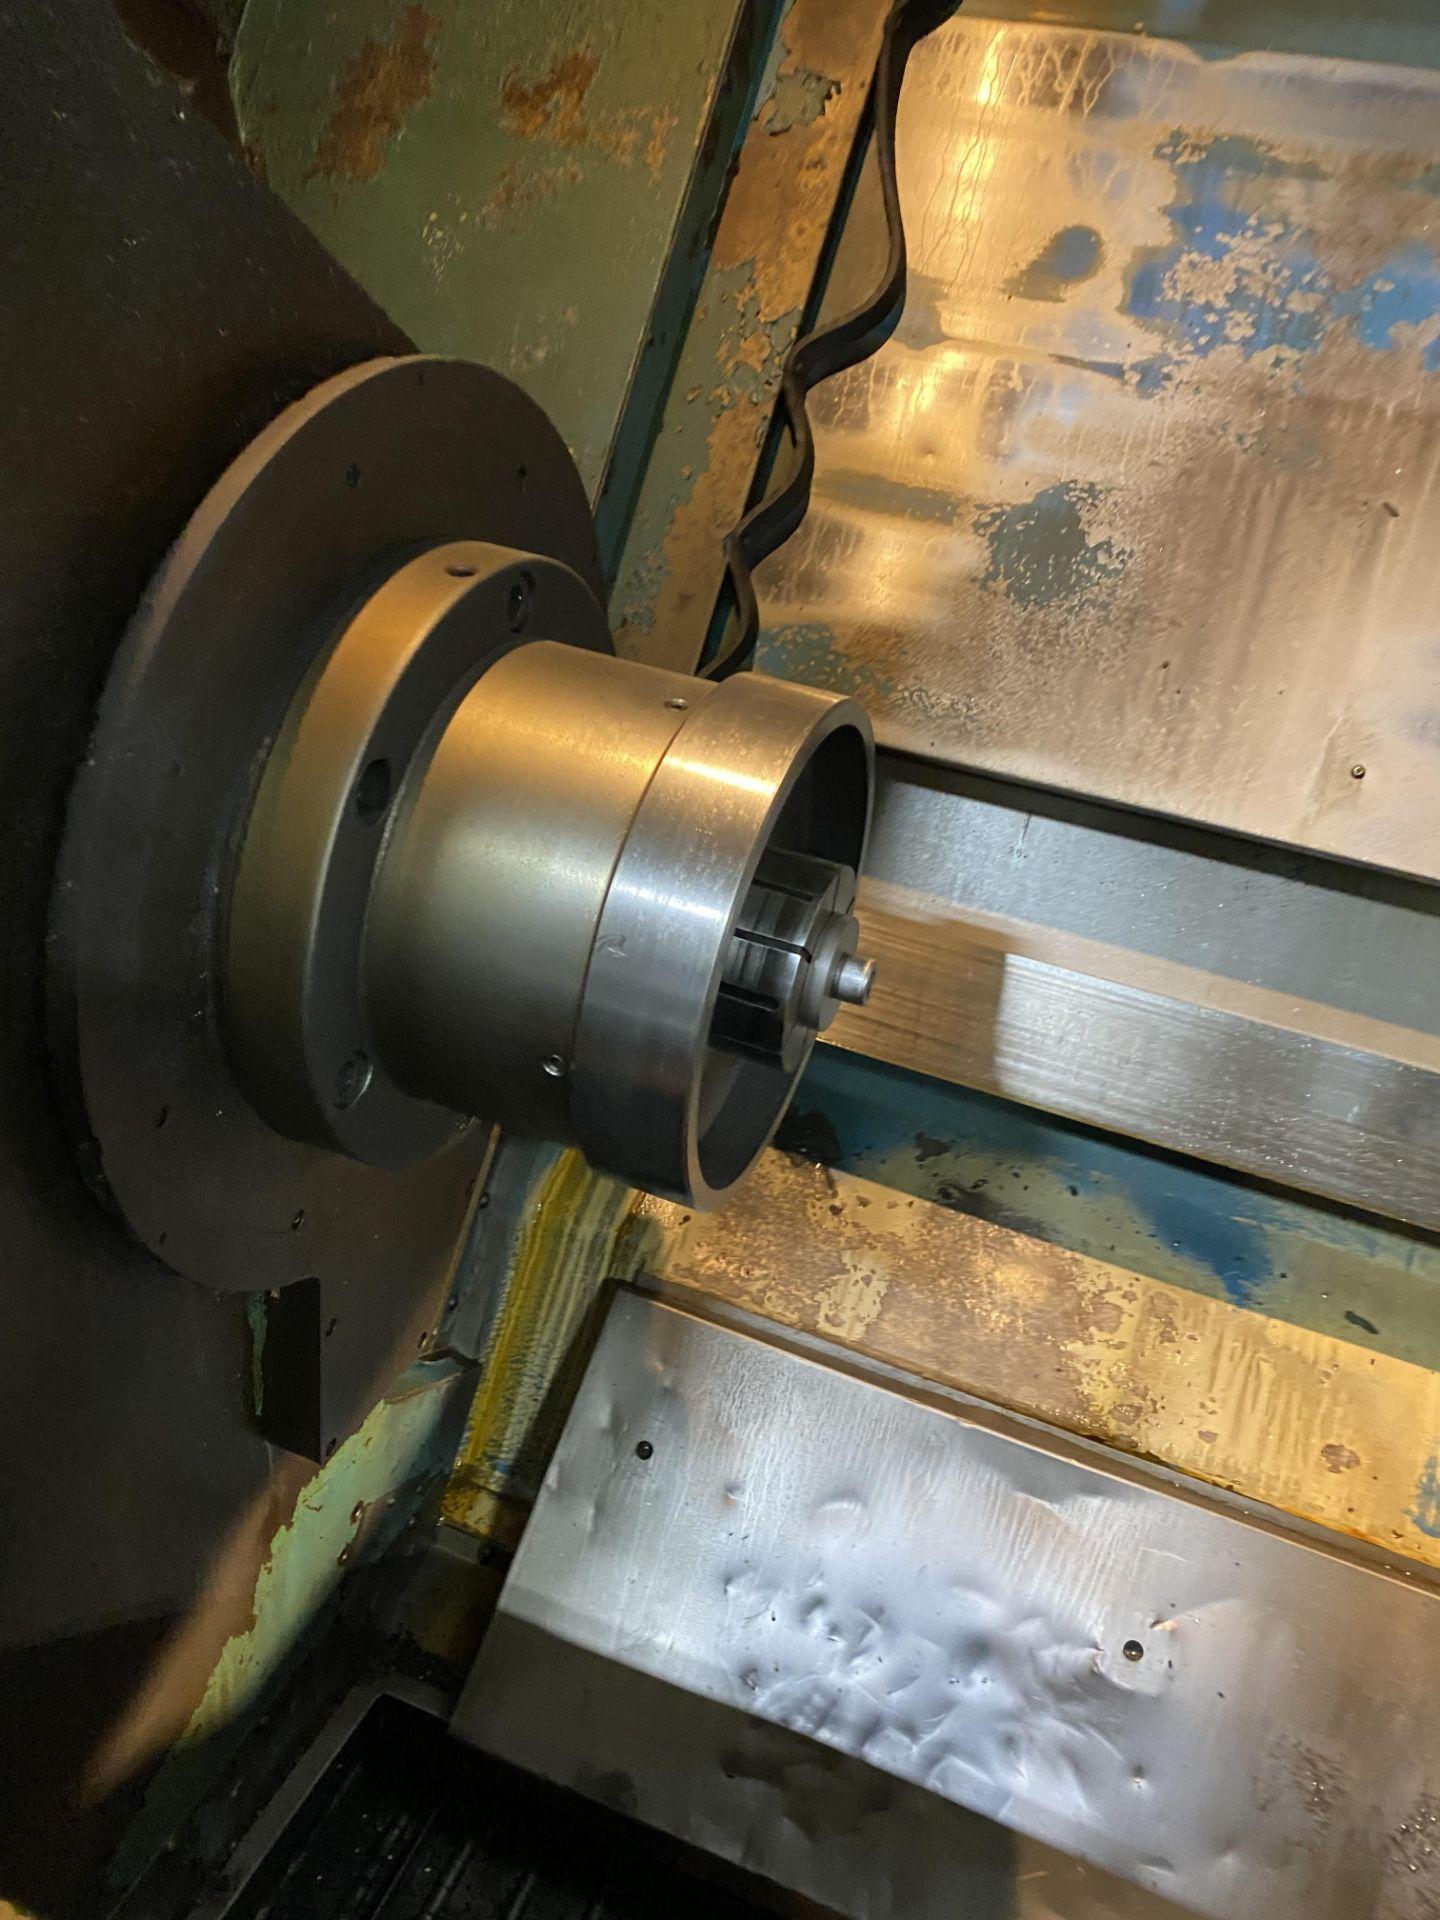 Cincinnati 24x60 Cinturn CNC Lathe - Image 3 of 8